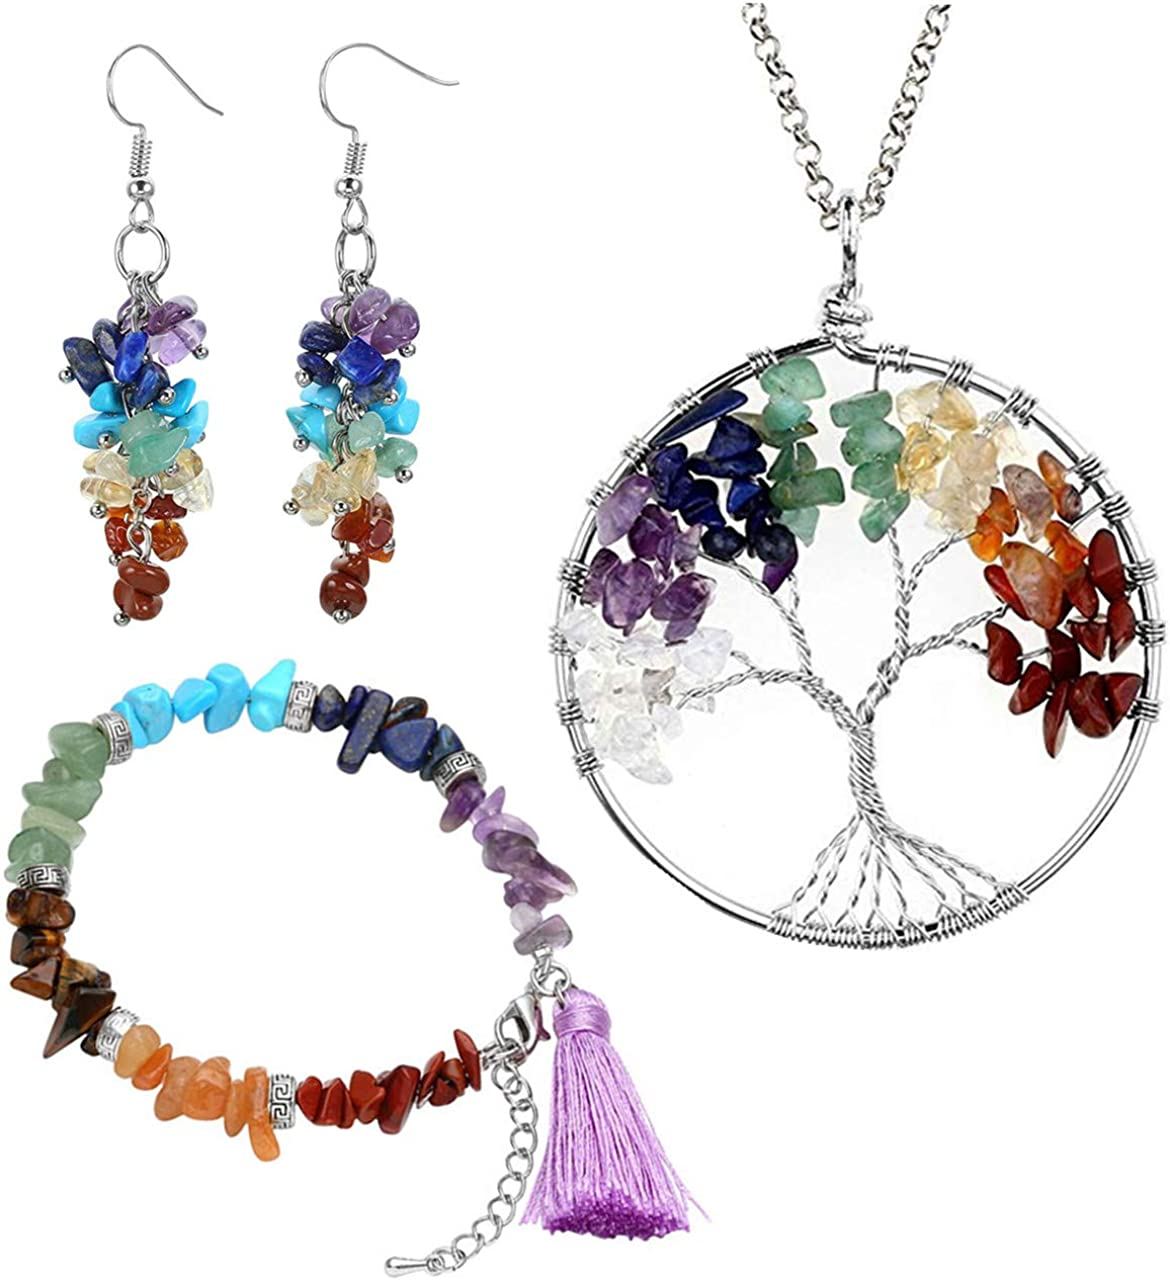 Heilung Baum des Leben Anhänger Halskette Kristall Naturstein HalsketteZJP